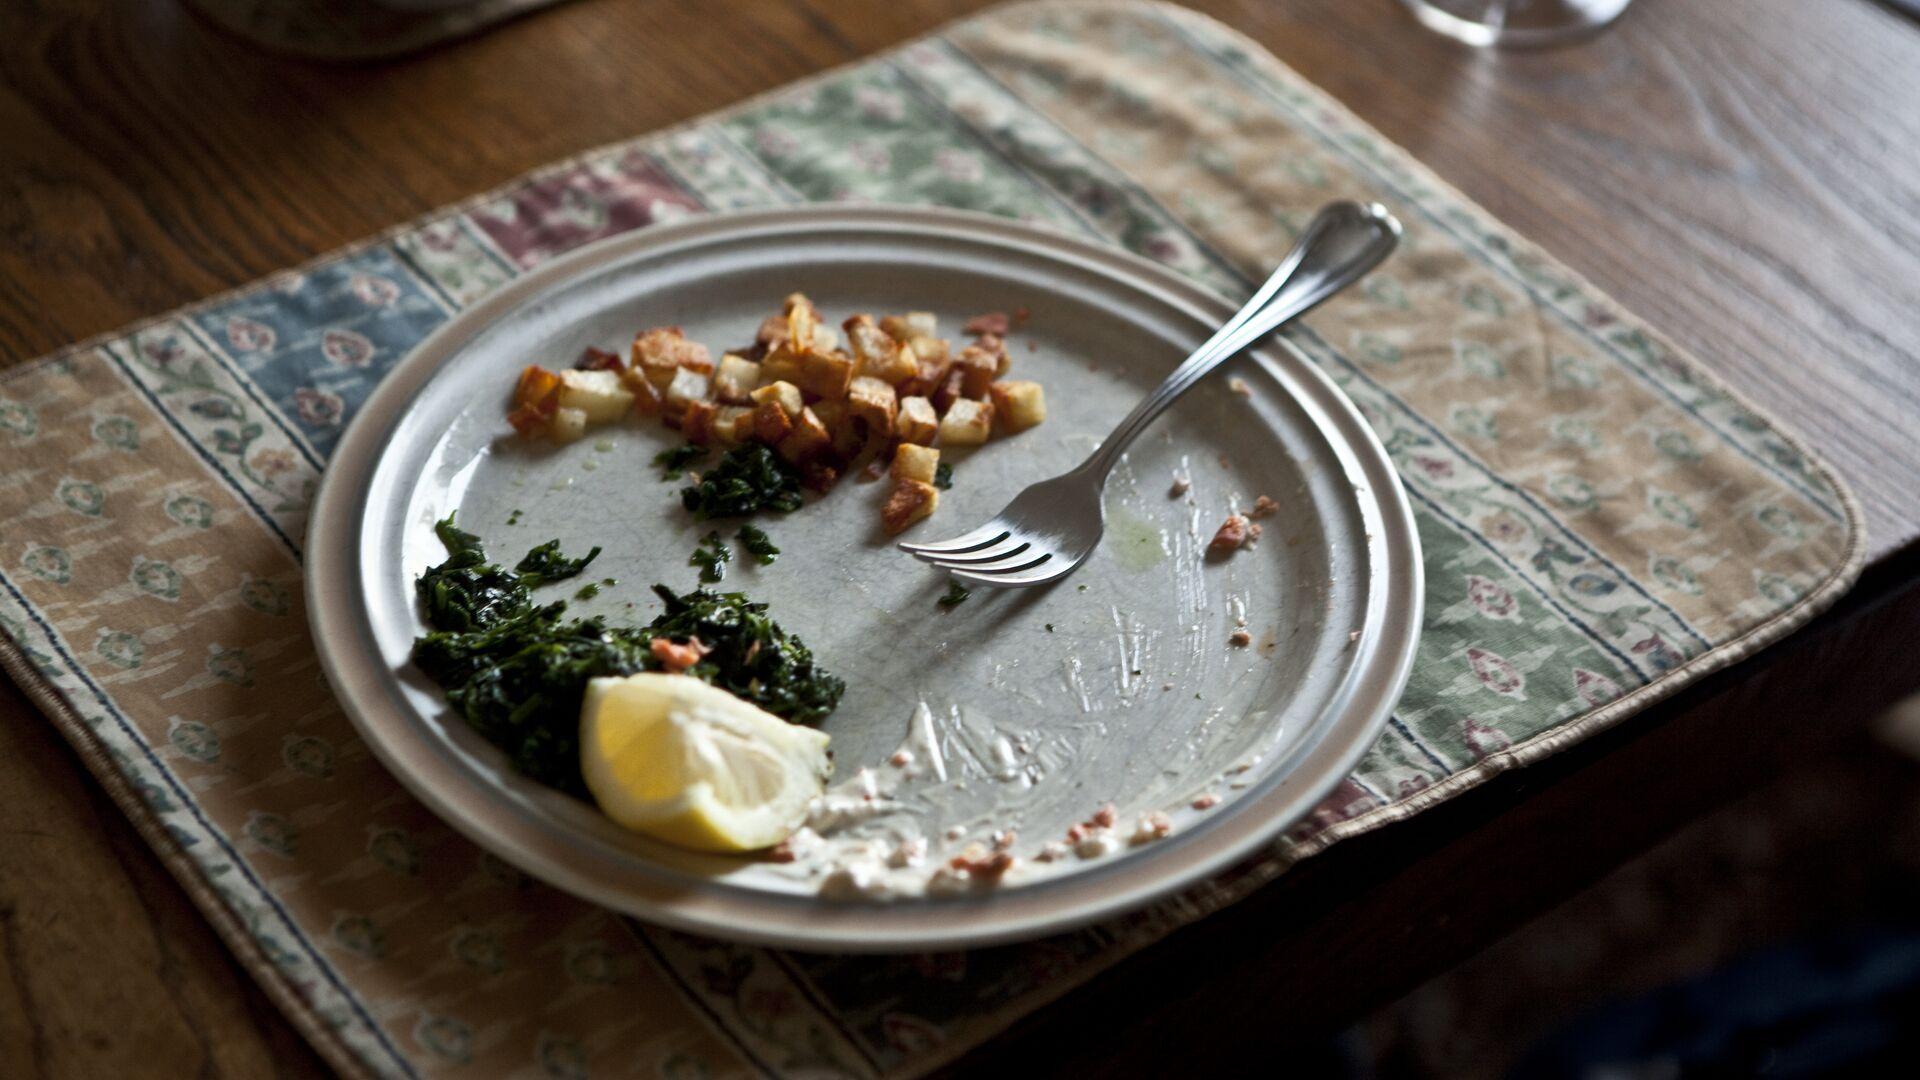 Los restos de comida (imagen referencial) - Sputnik Mundo, 1920, 07.07.2021